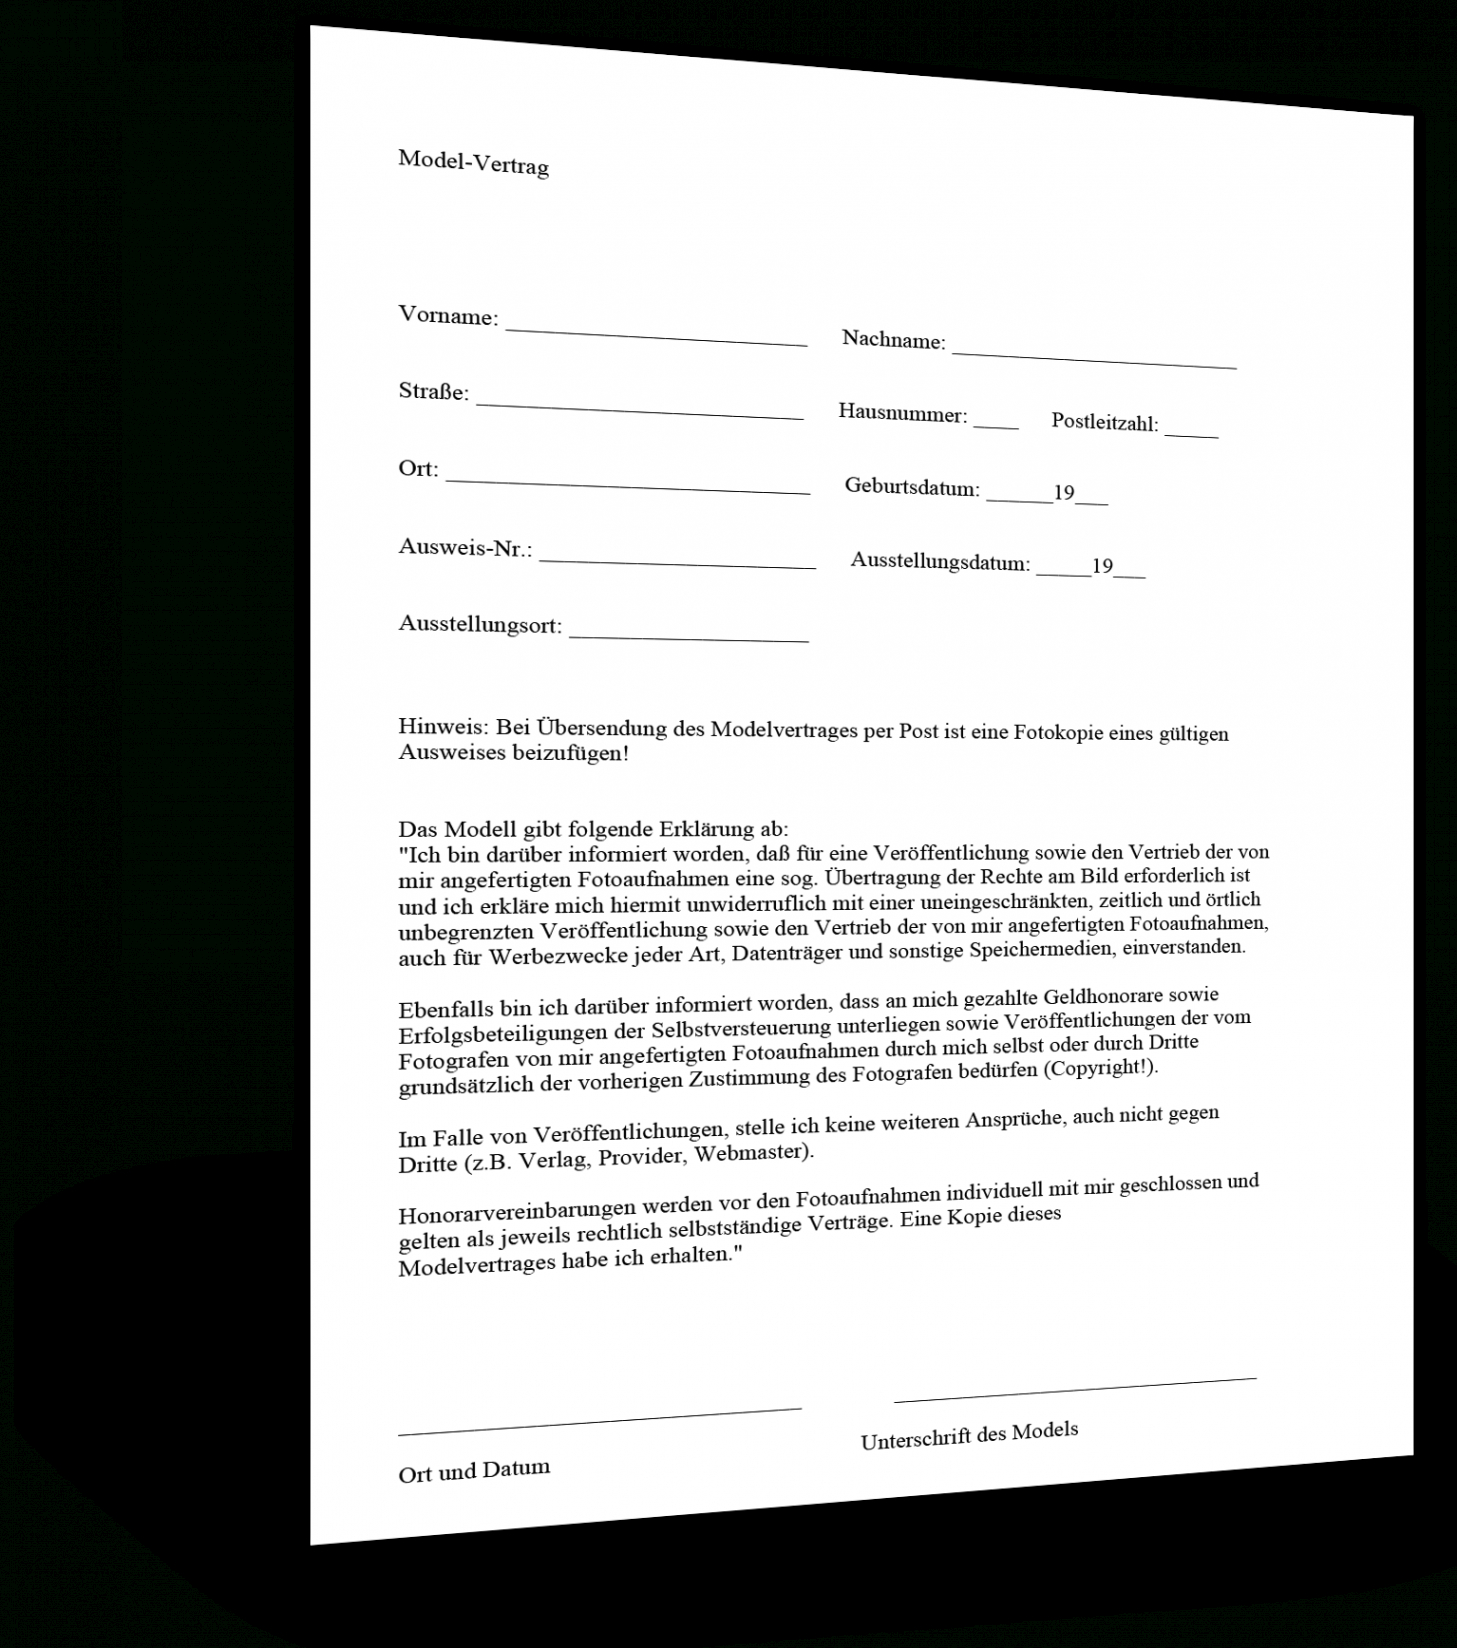 Sampler Vertrag Mit Sich Selbst Vorlage  Bearbeitbar